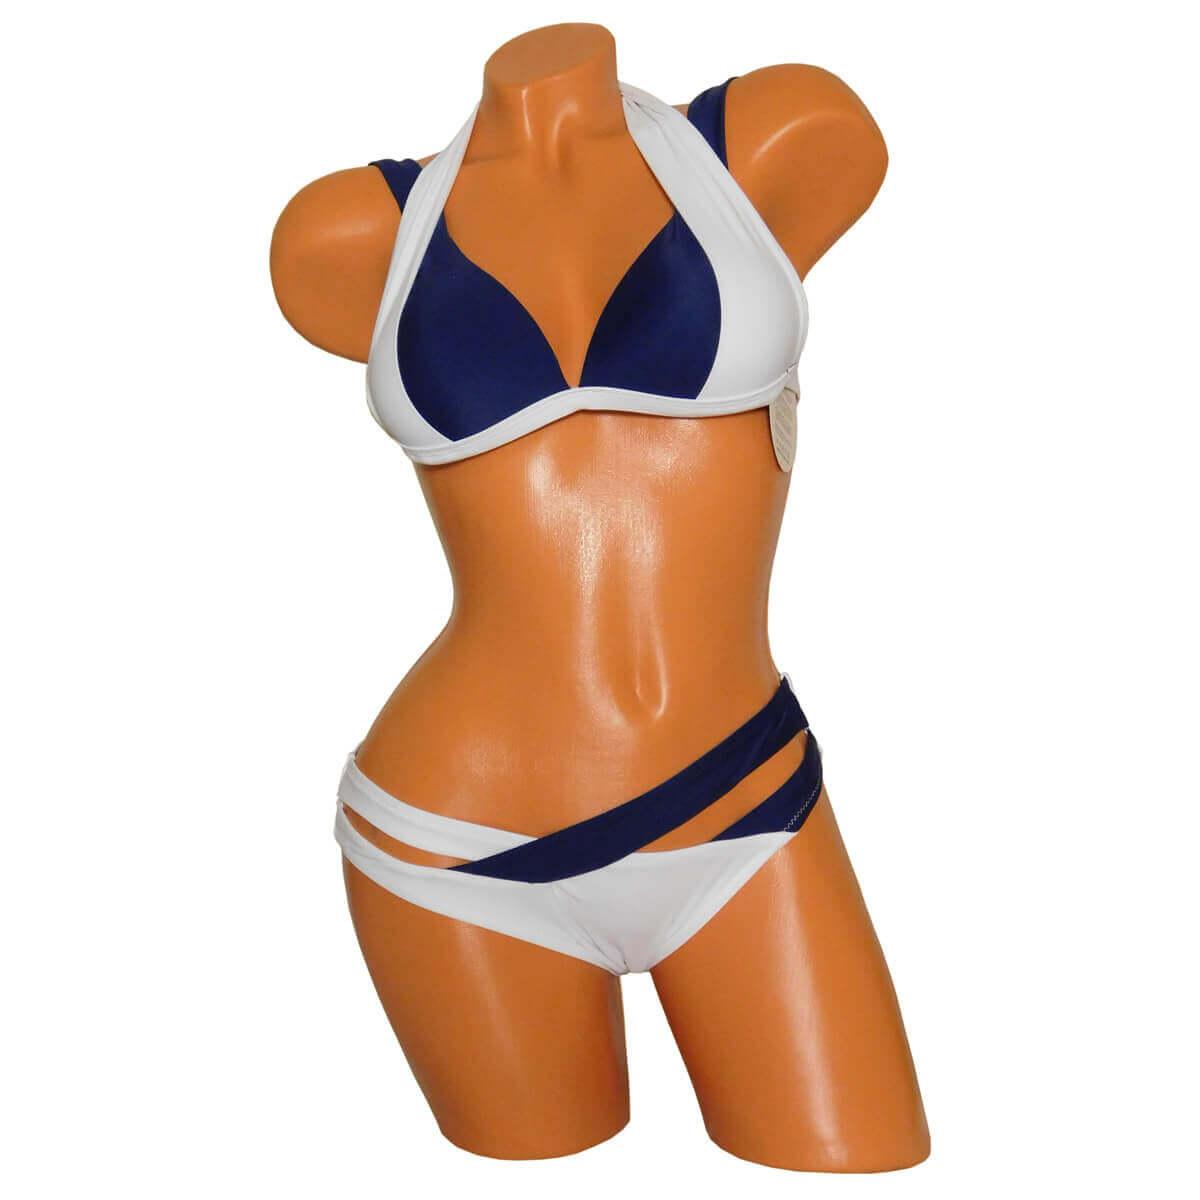 Kék - Fehér push up háromszög, triangle bikini 4530